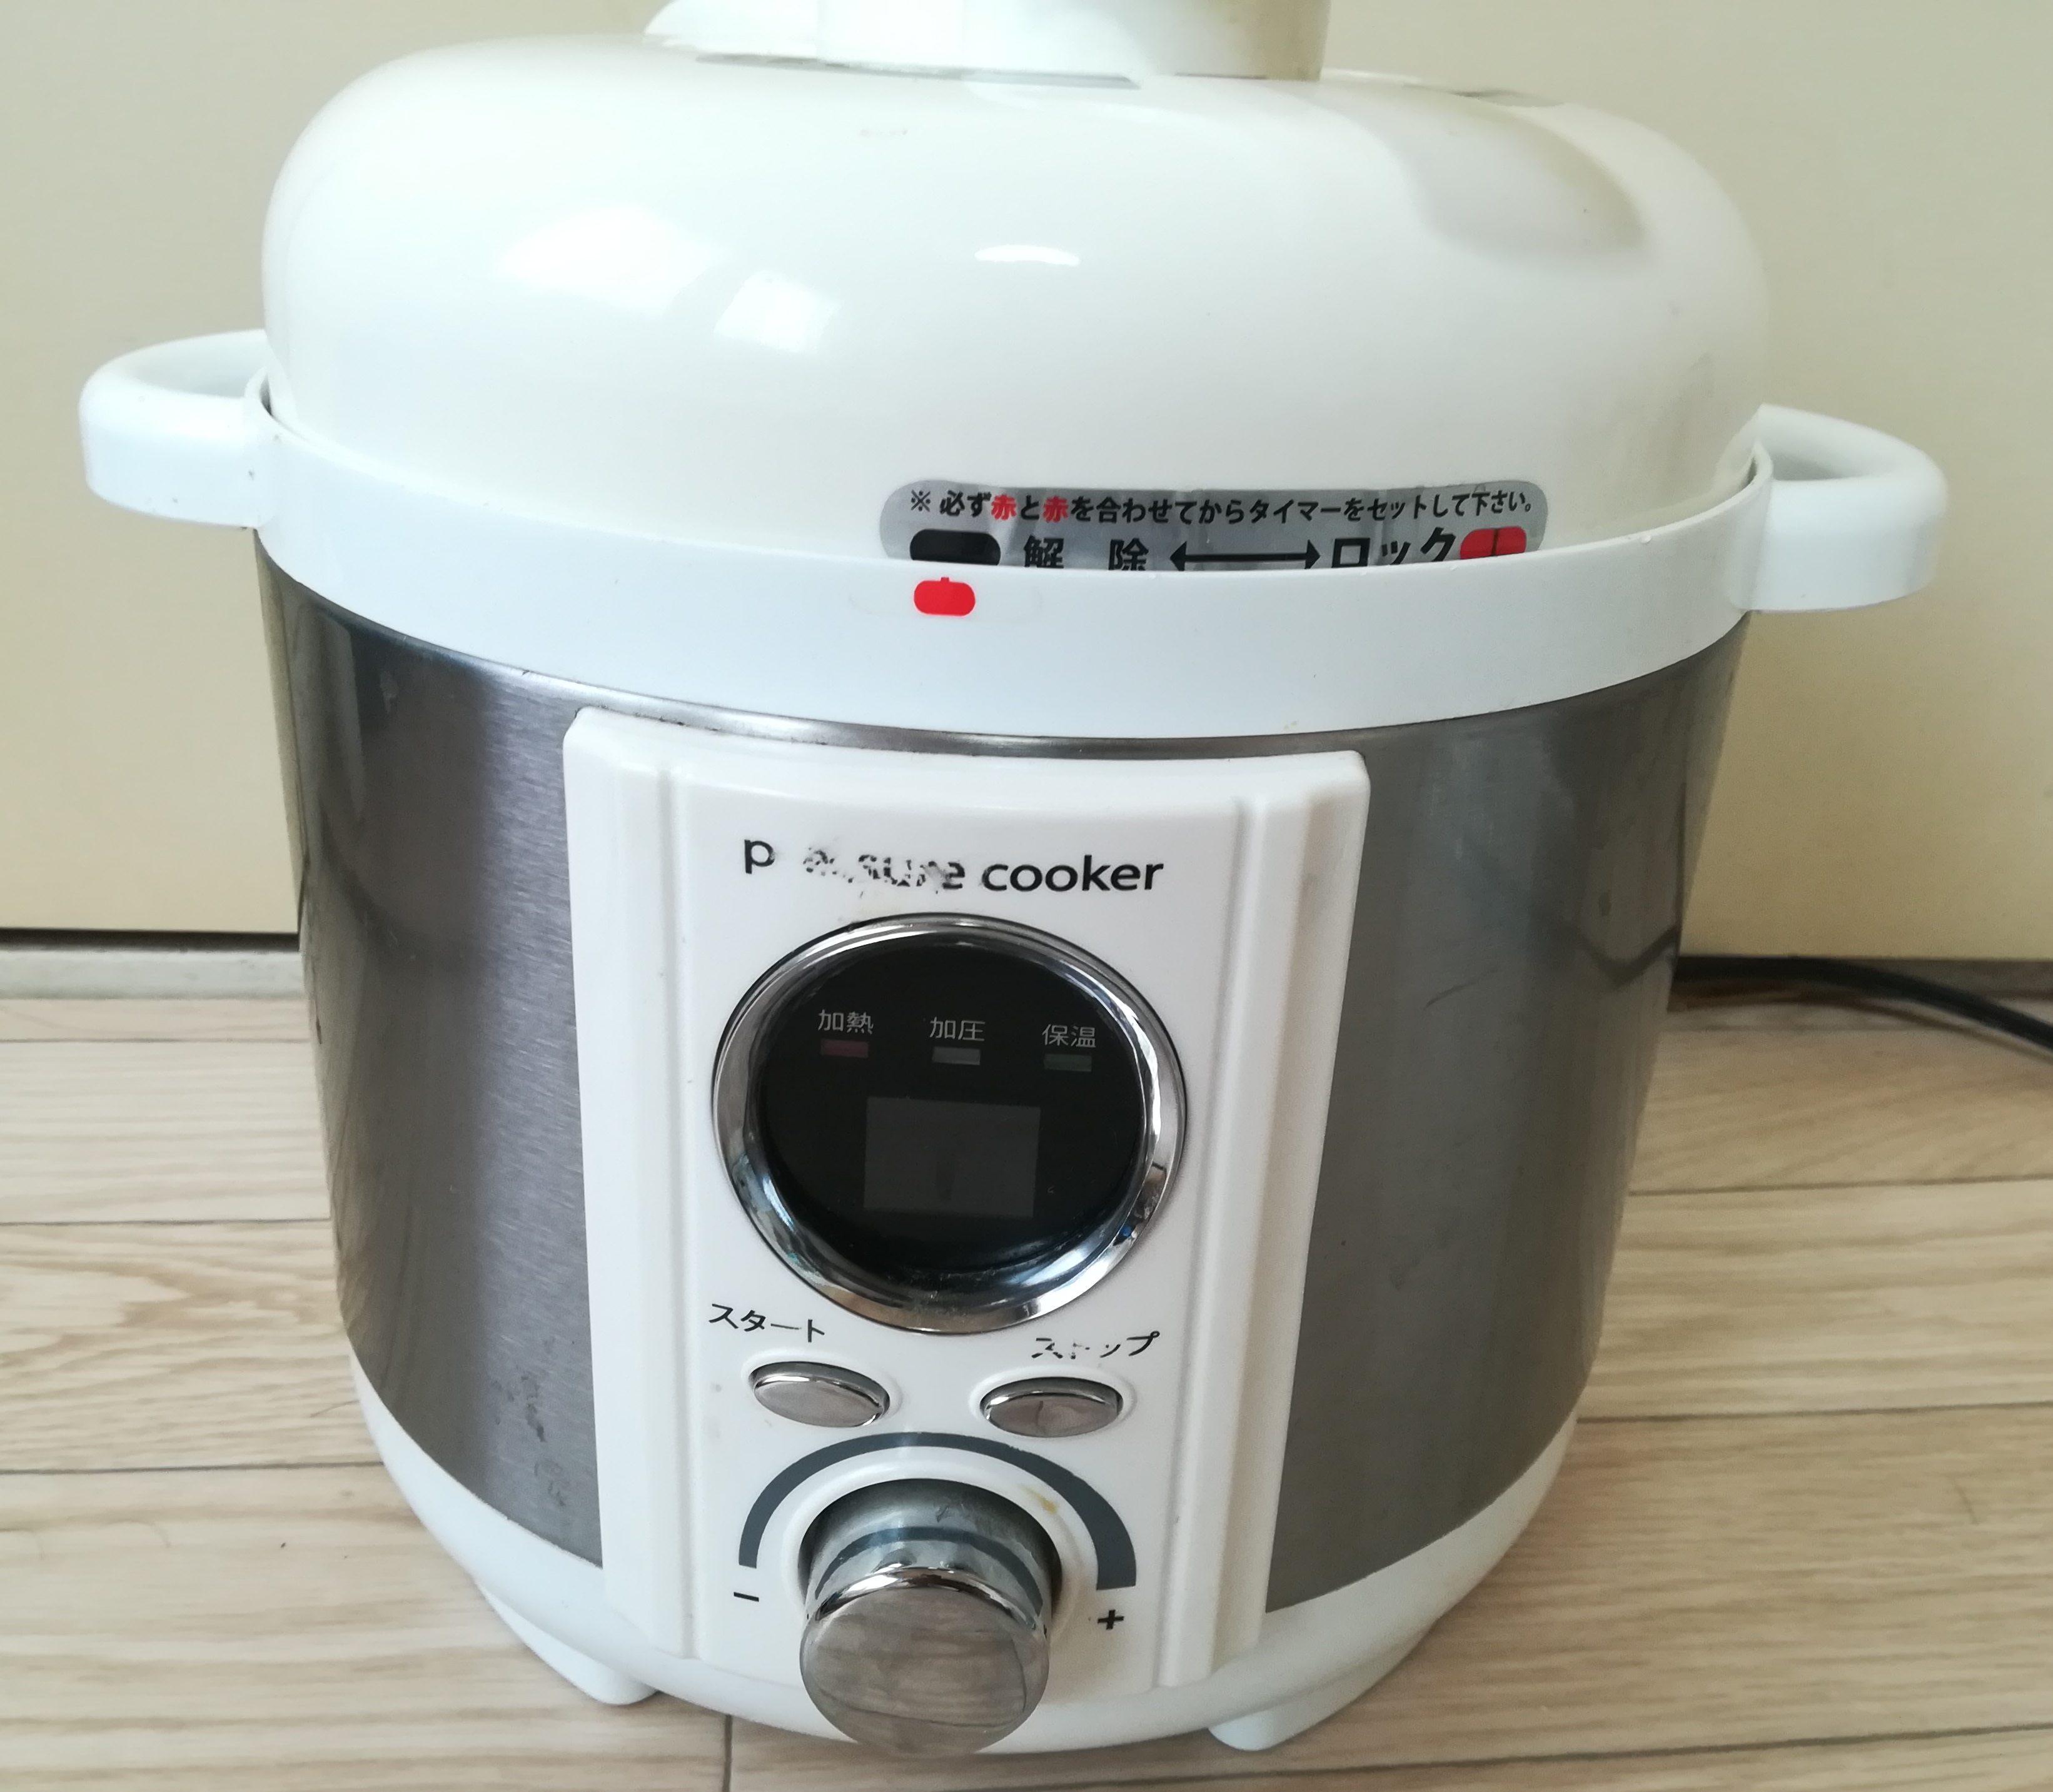 電子圧力鍋はAL COLLE(アルコレ)